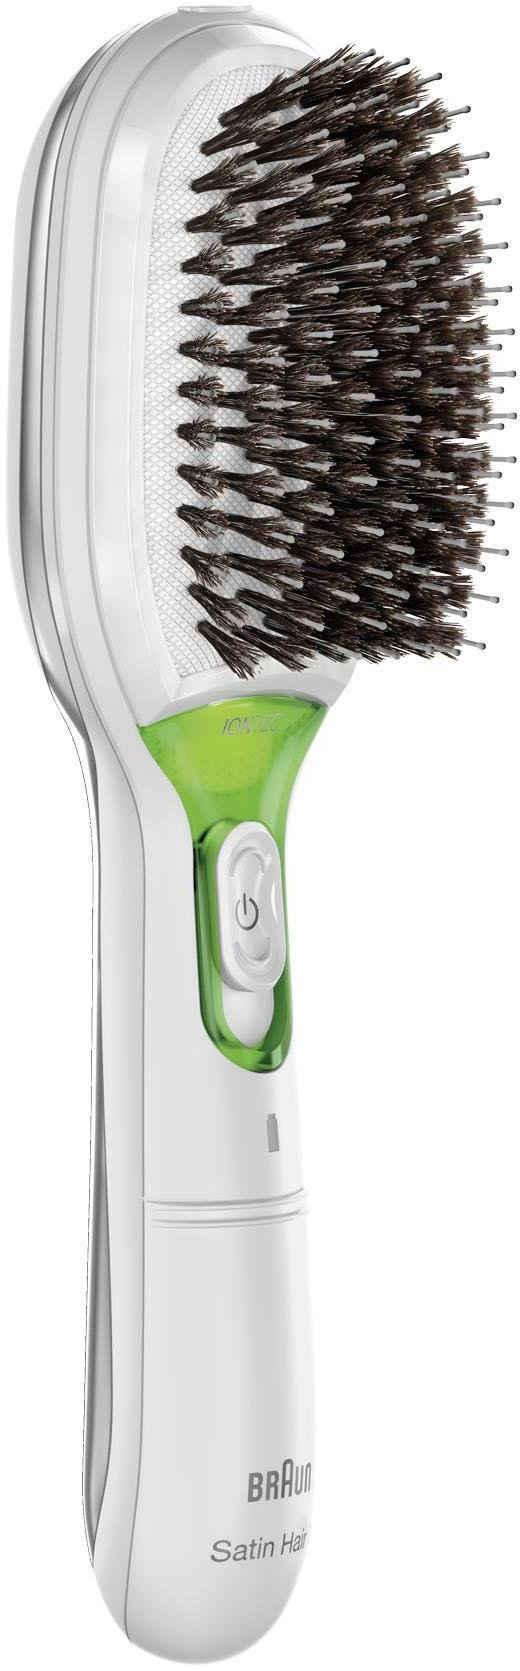 Braun Haarglättbürste Satin Hair 7 IONTEC BR750, mit natürlichen Borsten und Ionen-Technologie zur Förderung des Glanzes